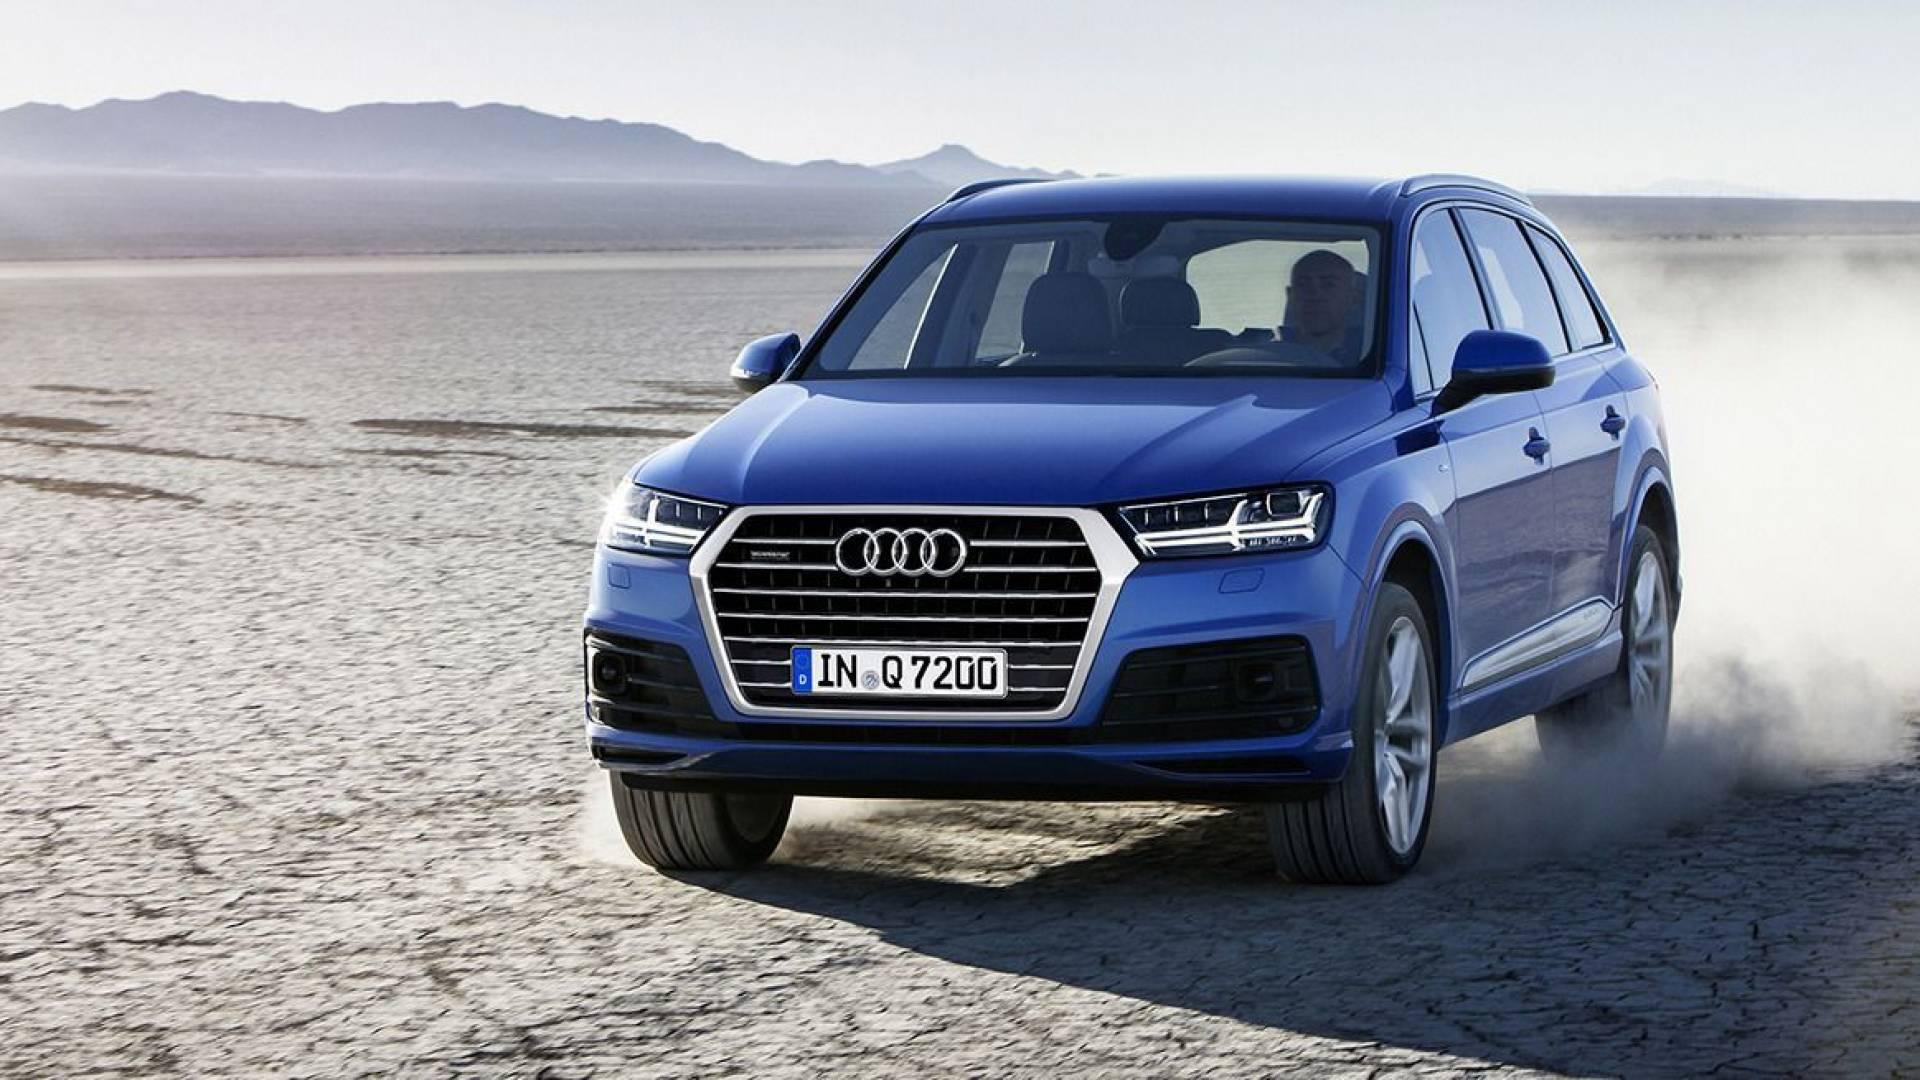 El Audi Q8 es un todocamino de amplias dimensiones